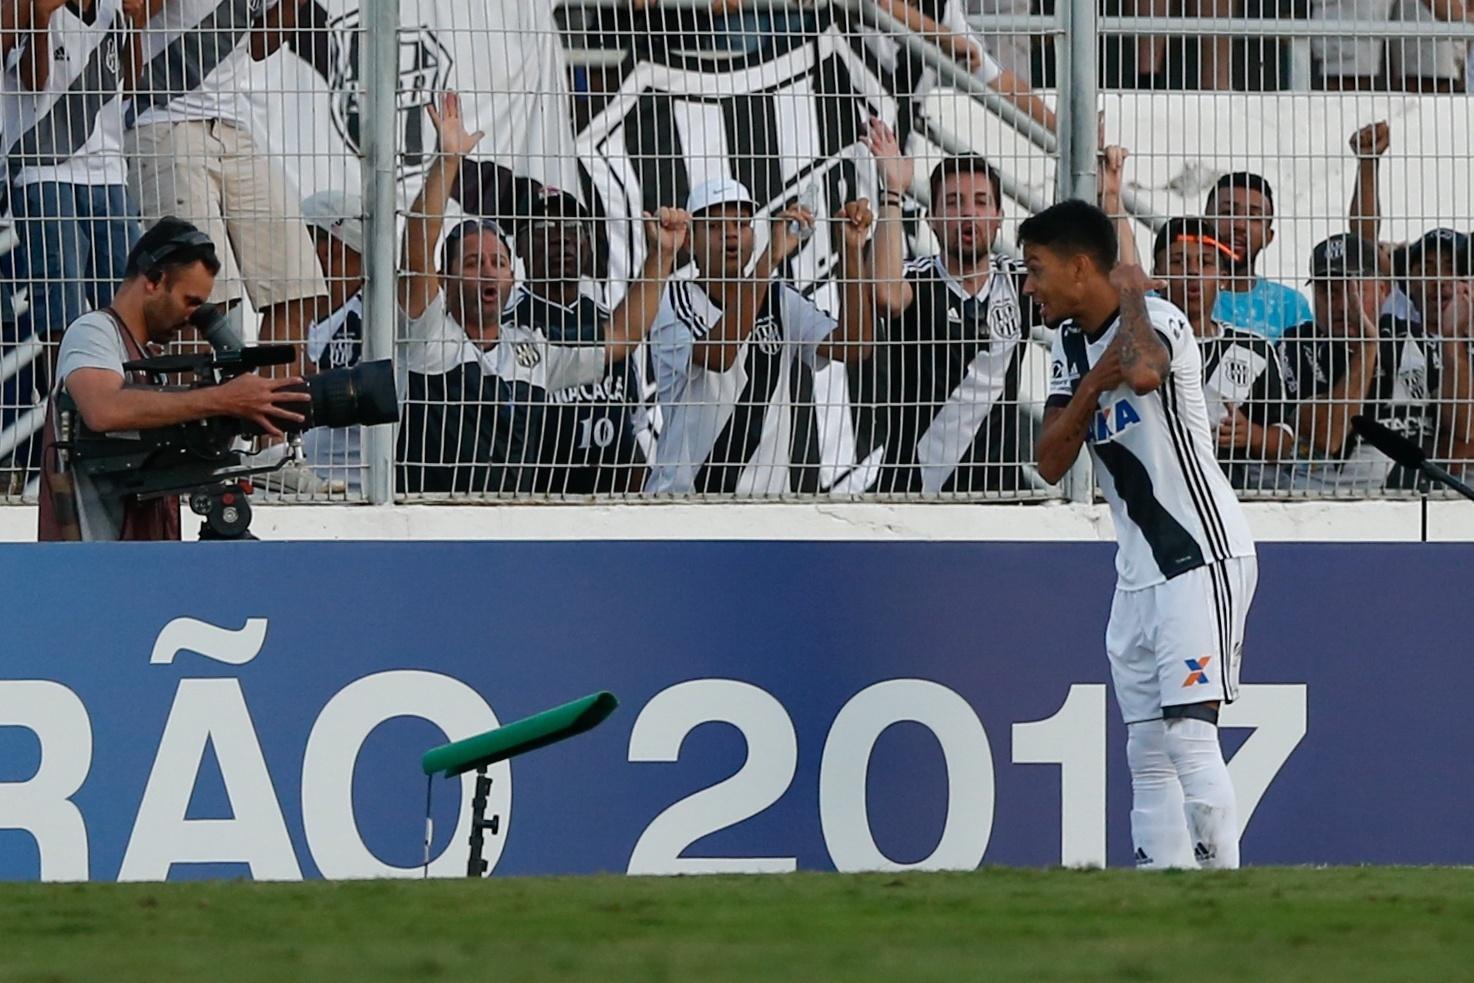 Lucca comemora gol da Ponte Preta diante do São Paulo pelo Campeonato Brasileiro 2017